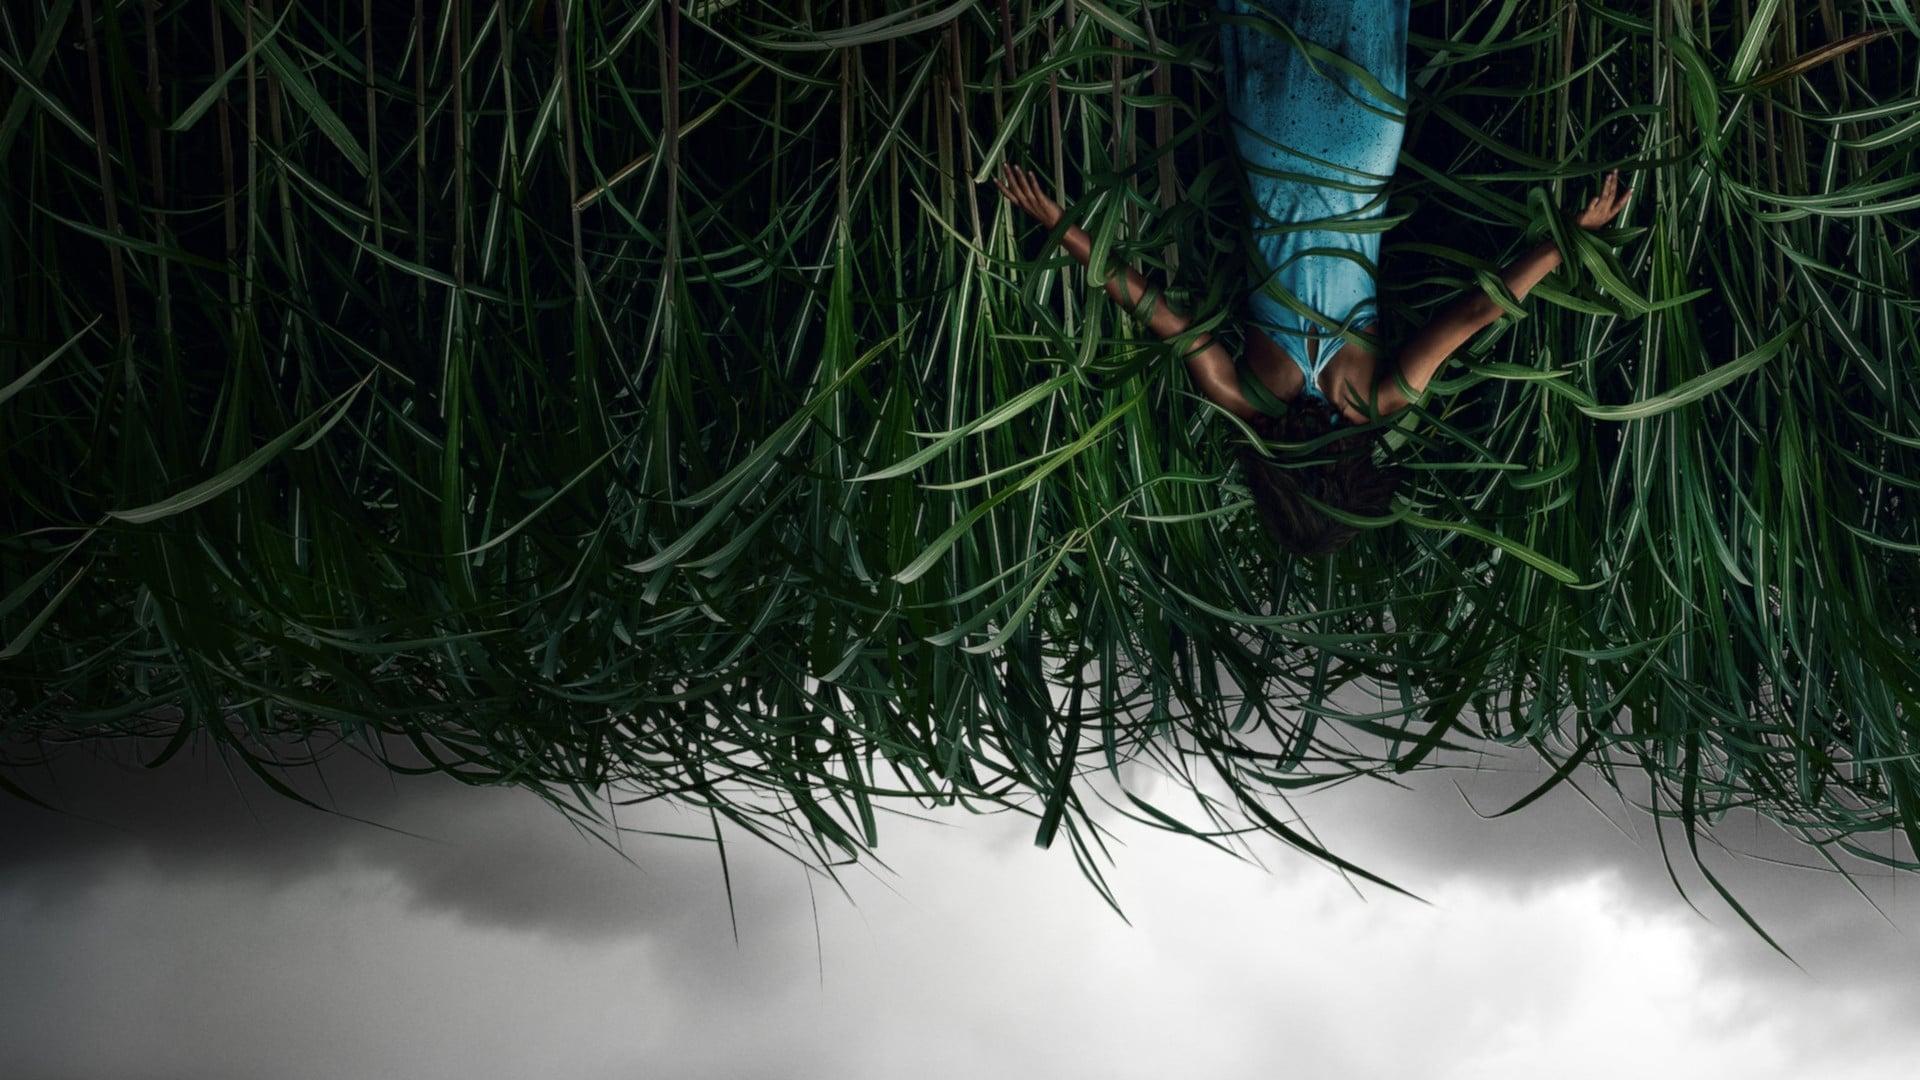 Đồng Cỏ Ăn Thịt Người - In the Tall Grass | Razorphim